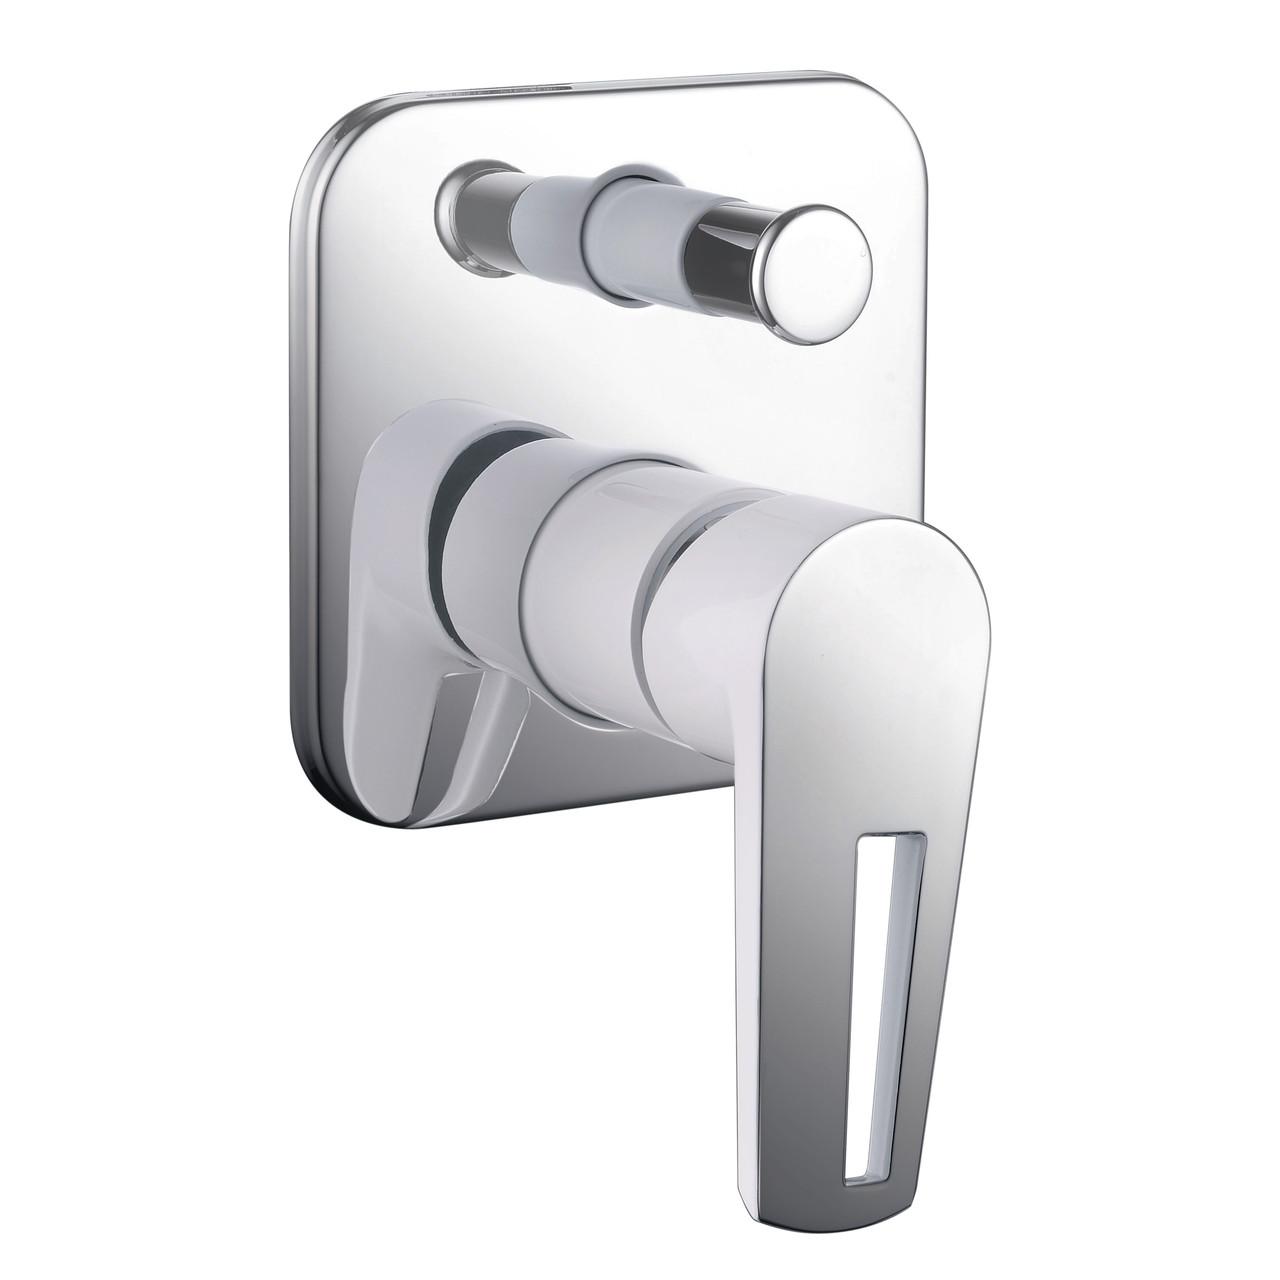 Змішувач для ванни і душу прихованого монтажу Imprese Breclav VR-10245WZ Хром/білий